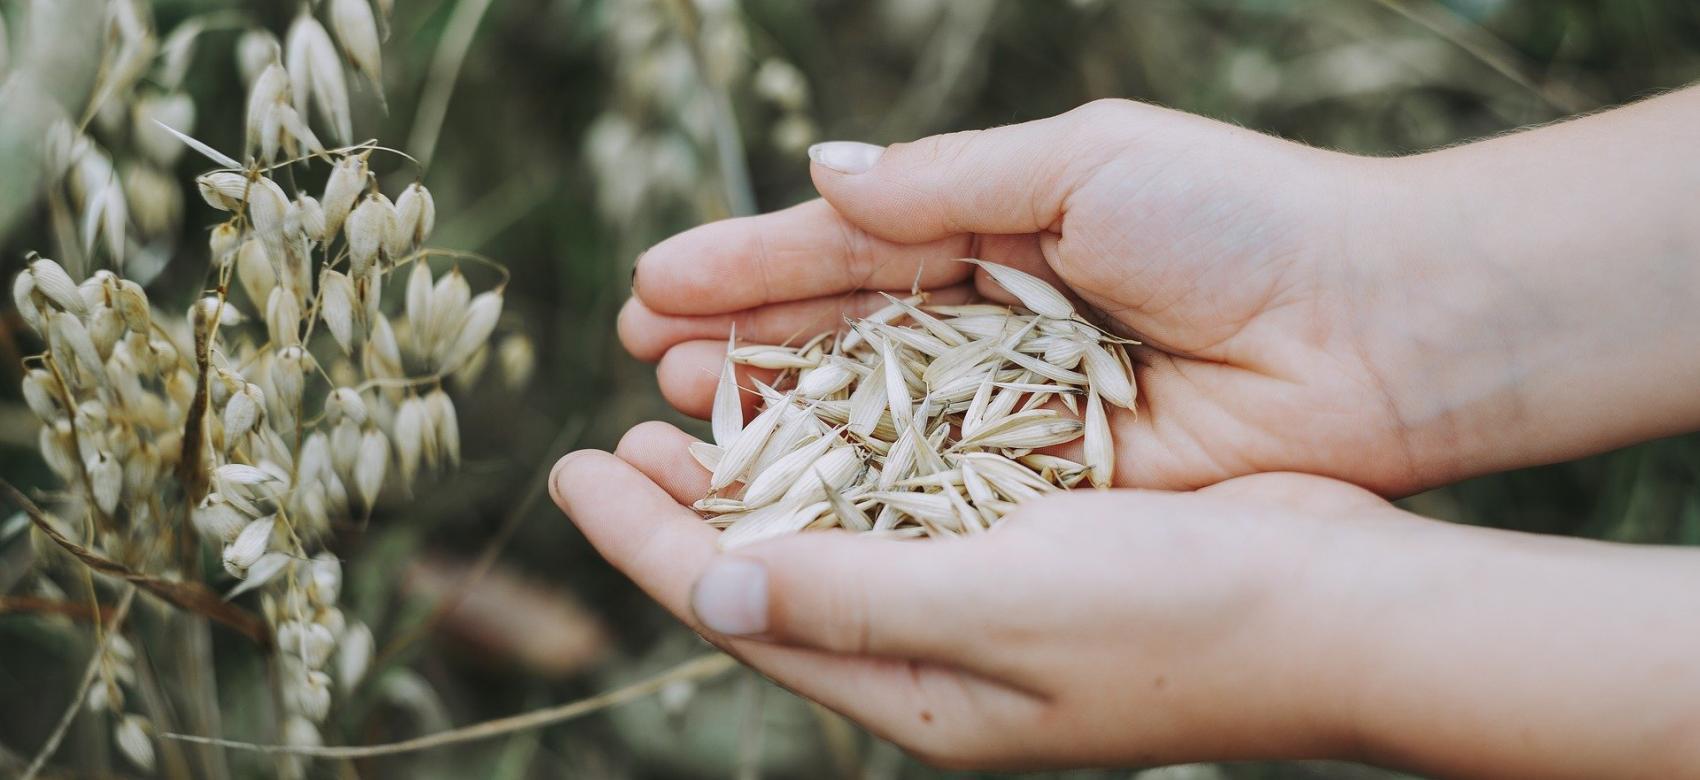 Manos sosteniendo avena en un campo de avena